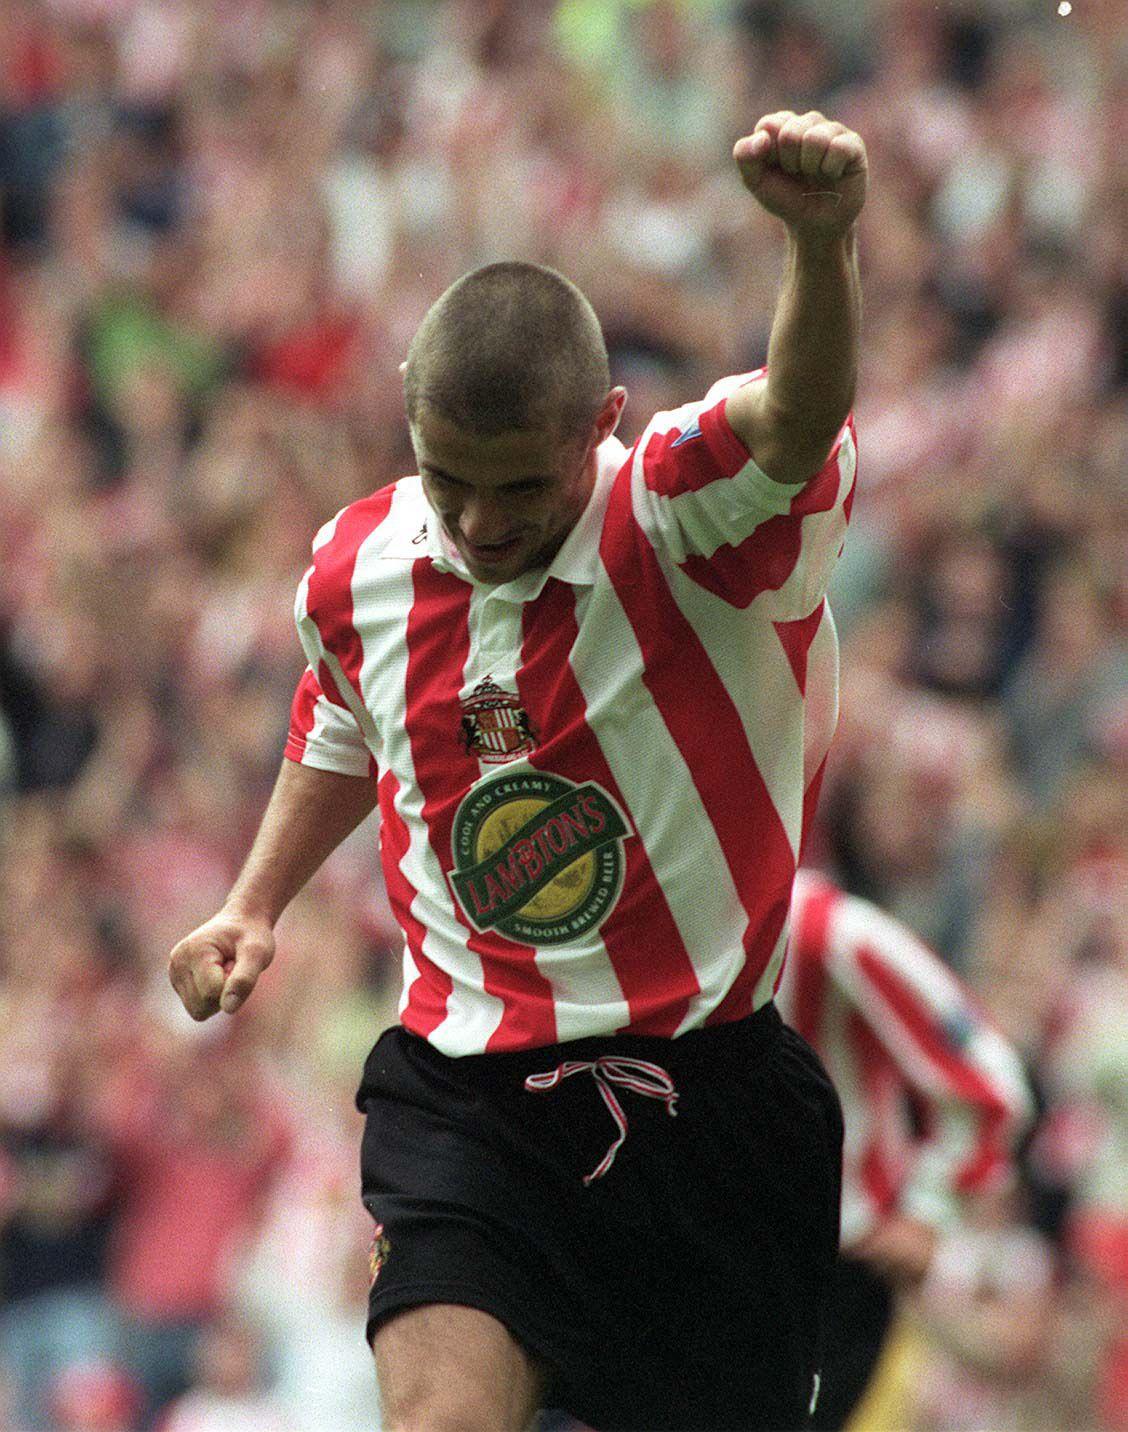 Sunderland QPR Phillips celeb